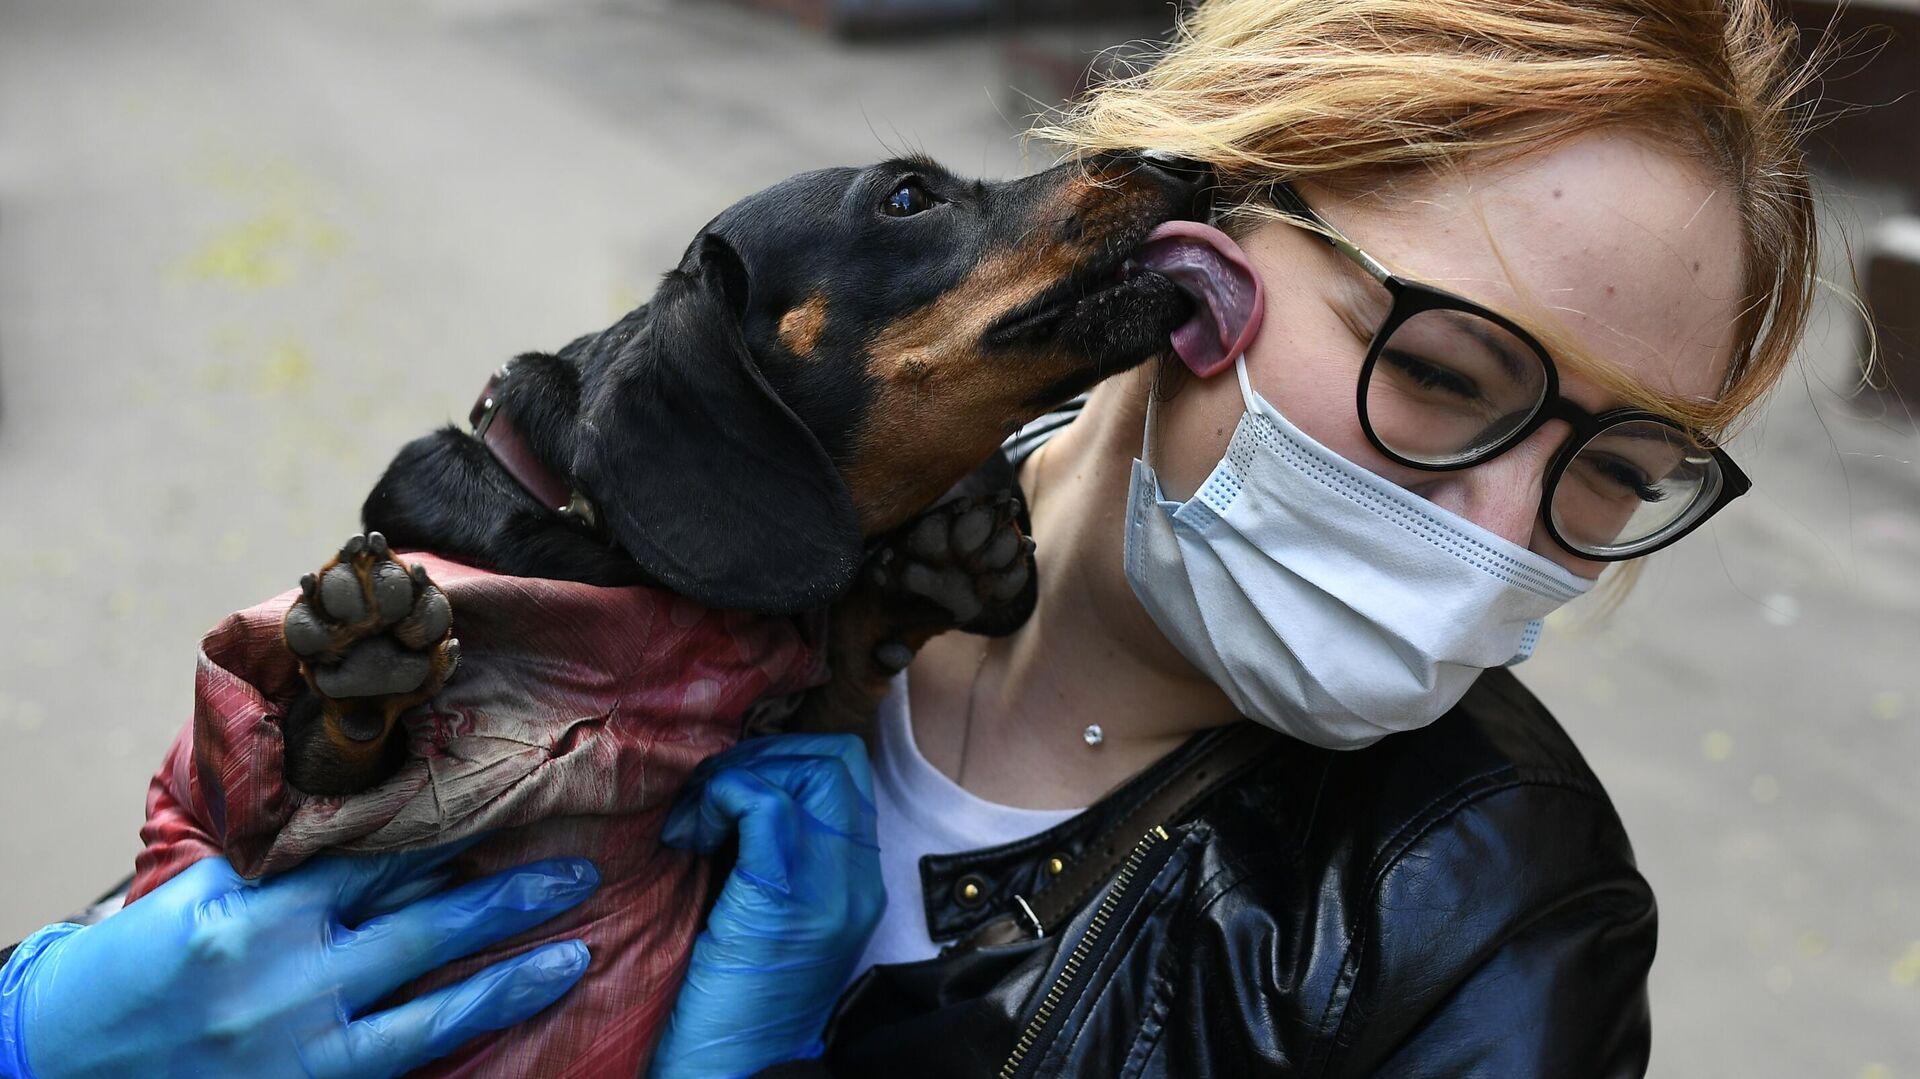 Волонтер выгуливает собаку породы такса в Москве - РИА Новости, 1920, 26.08.2021